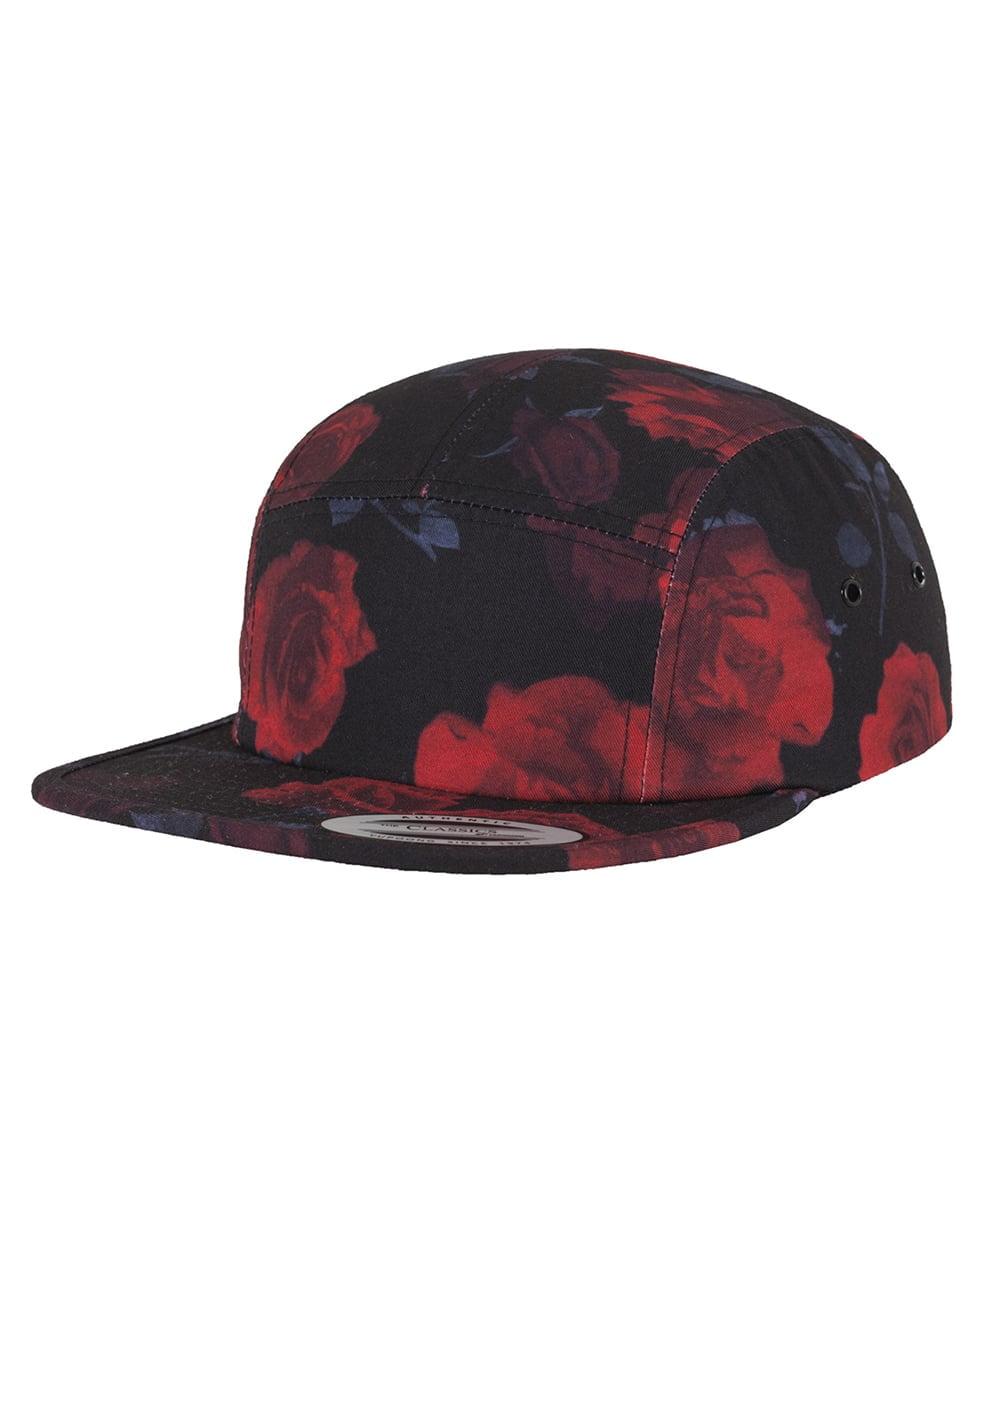 Roses Jockey Cap